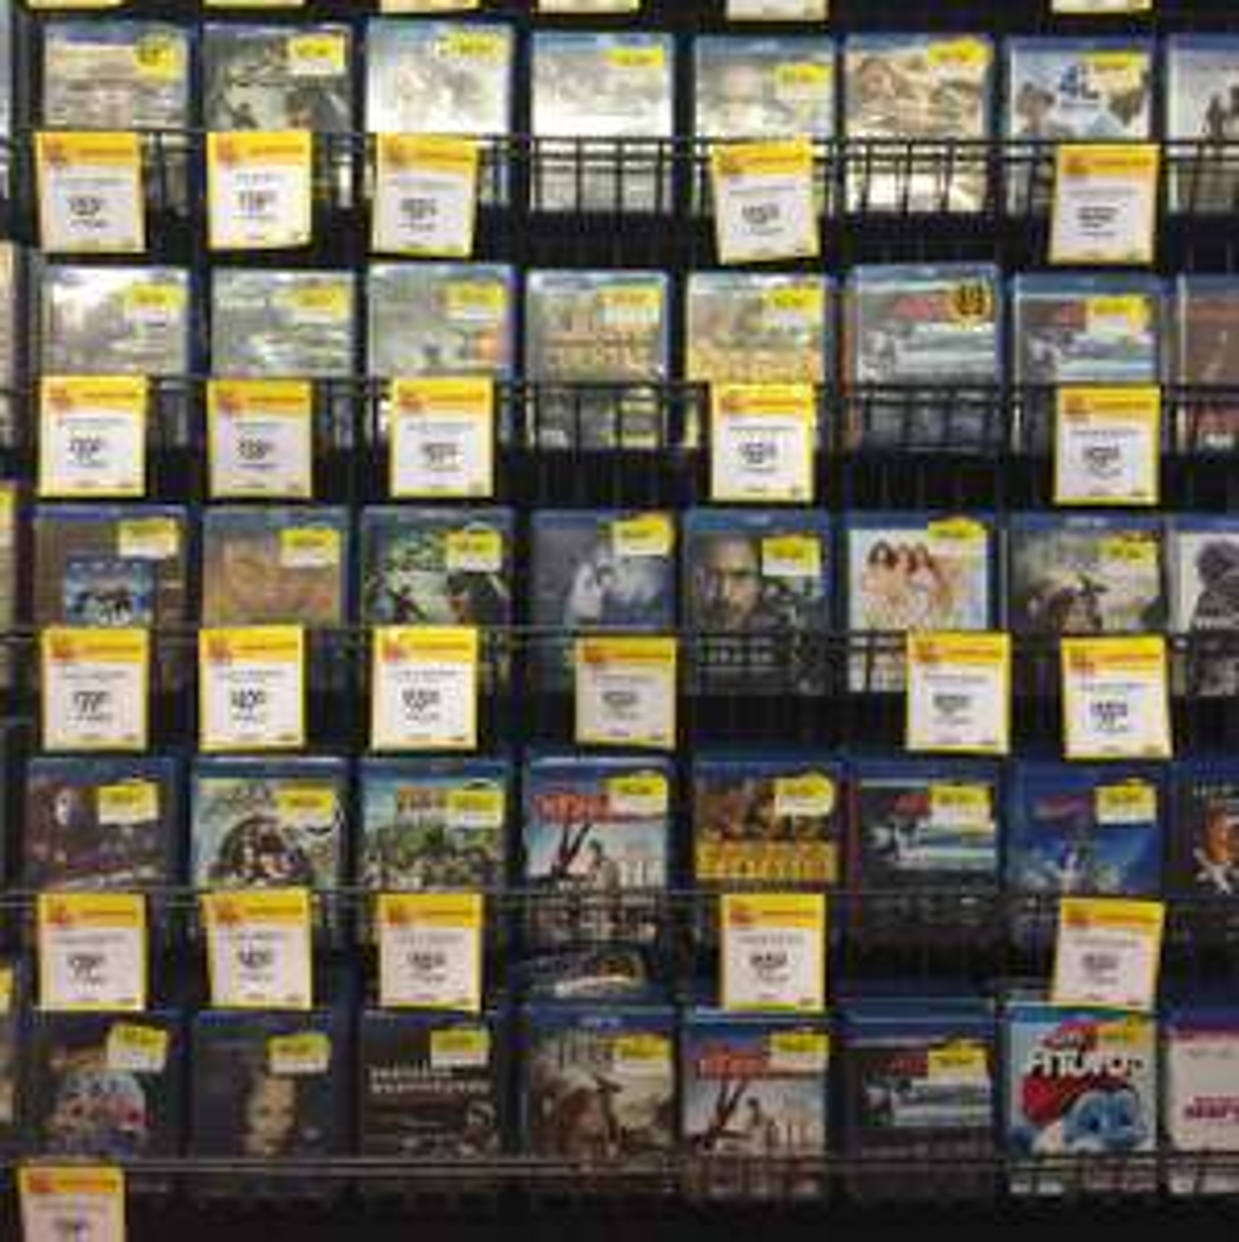 Walmart: Variedad de títulos en Blu-ray entre $39 y $55, Bocina Bluetooth portátil $129.03